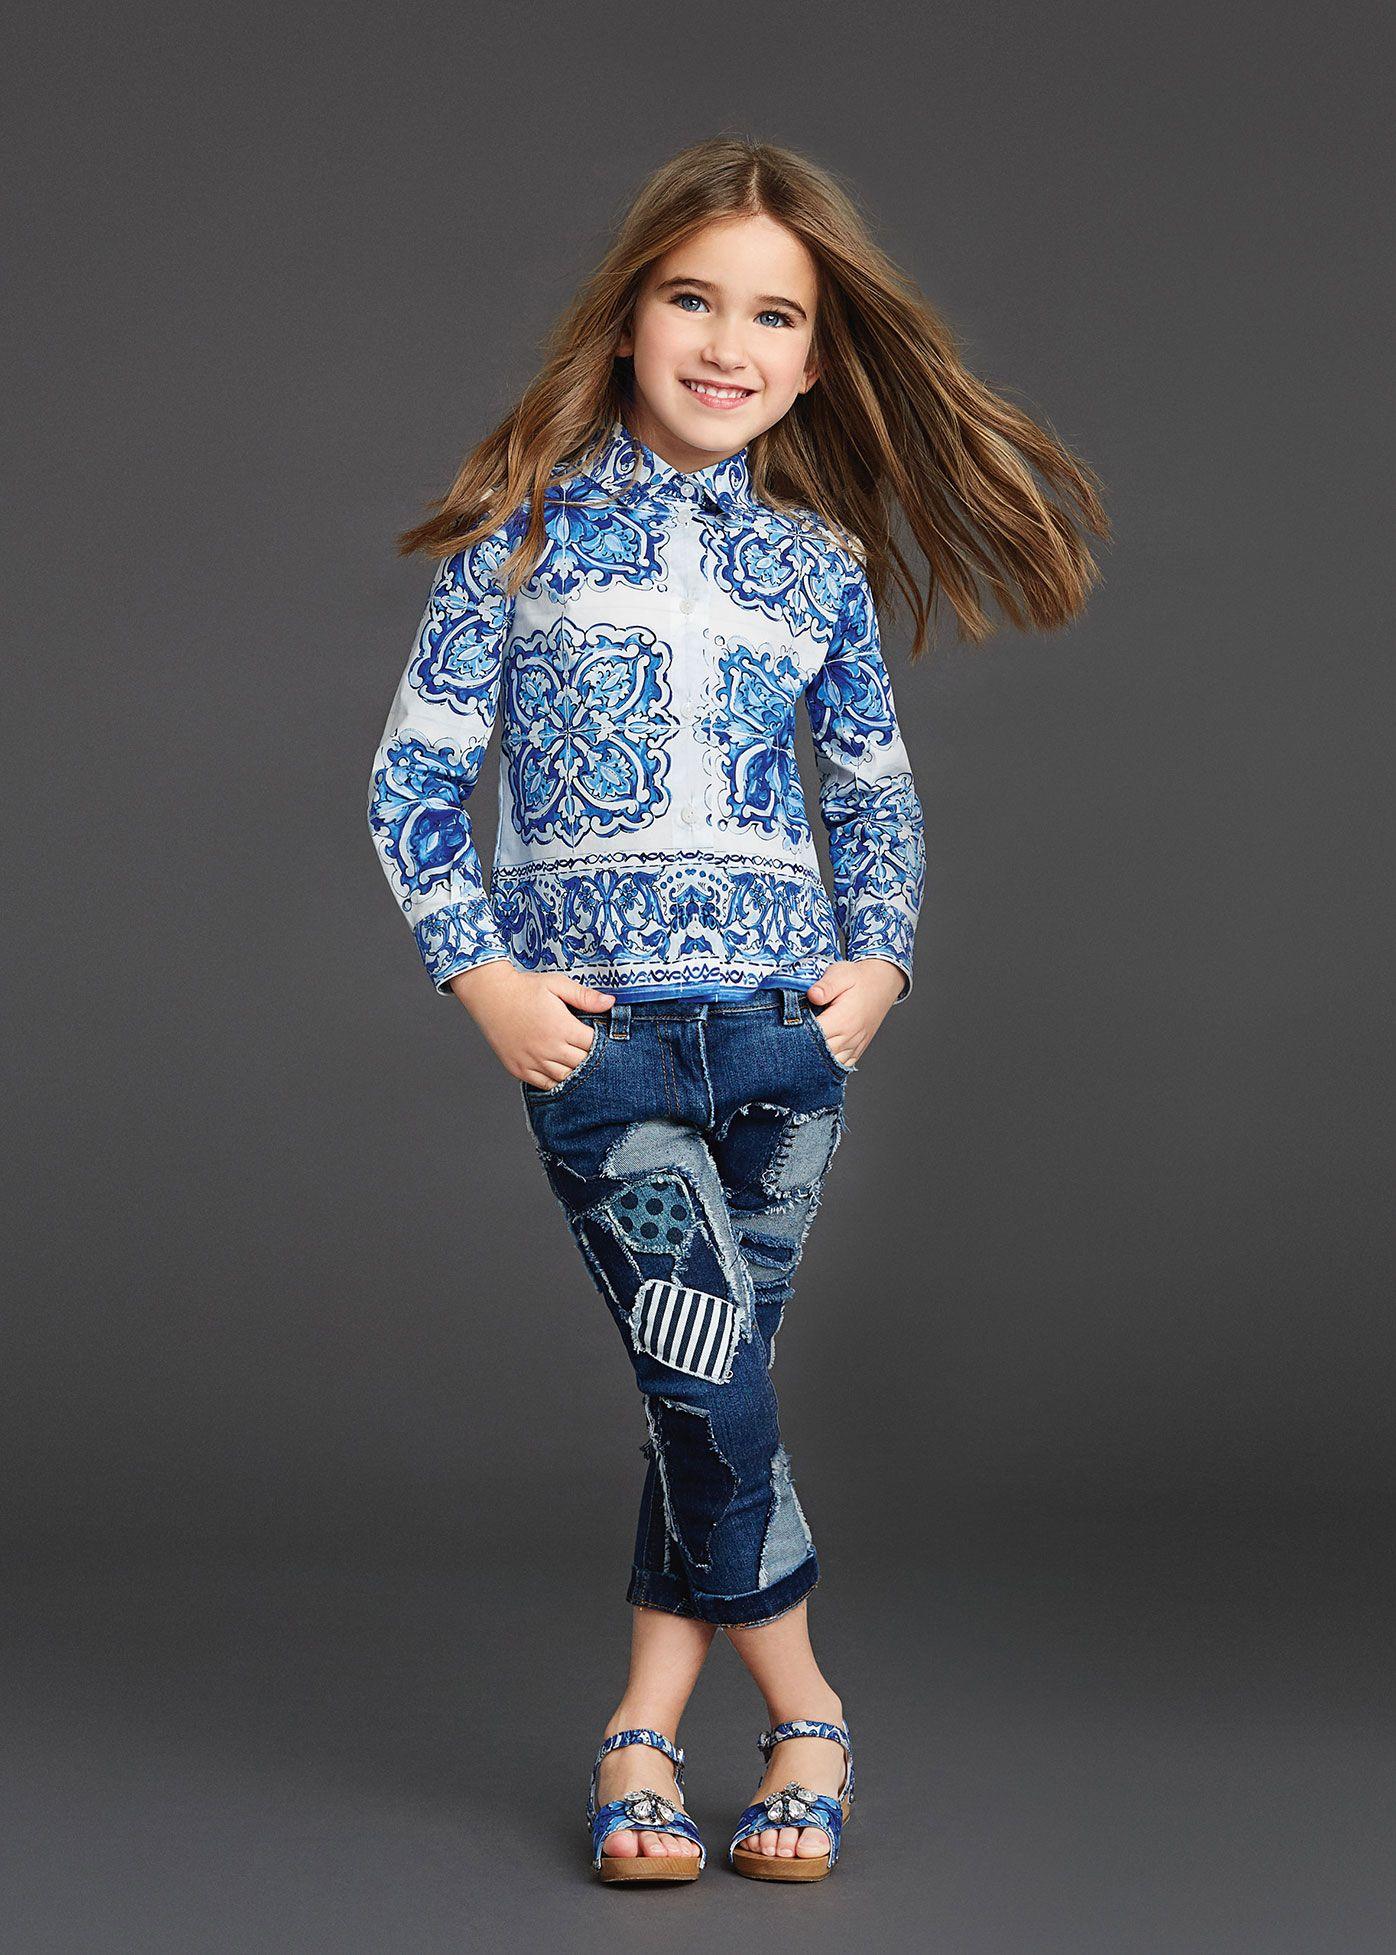 competitive price 7976c 0d7ff Dolce & Gabbana Collezione Bambini Inverno 2016   children ...